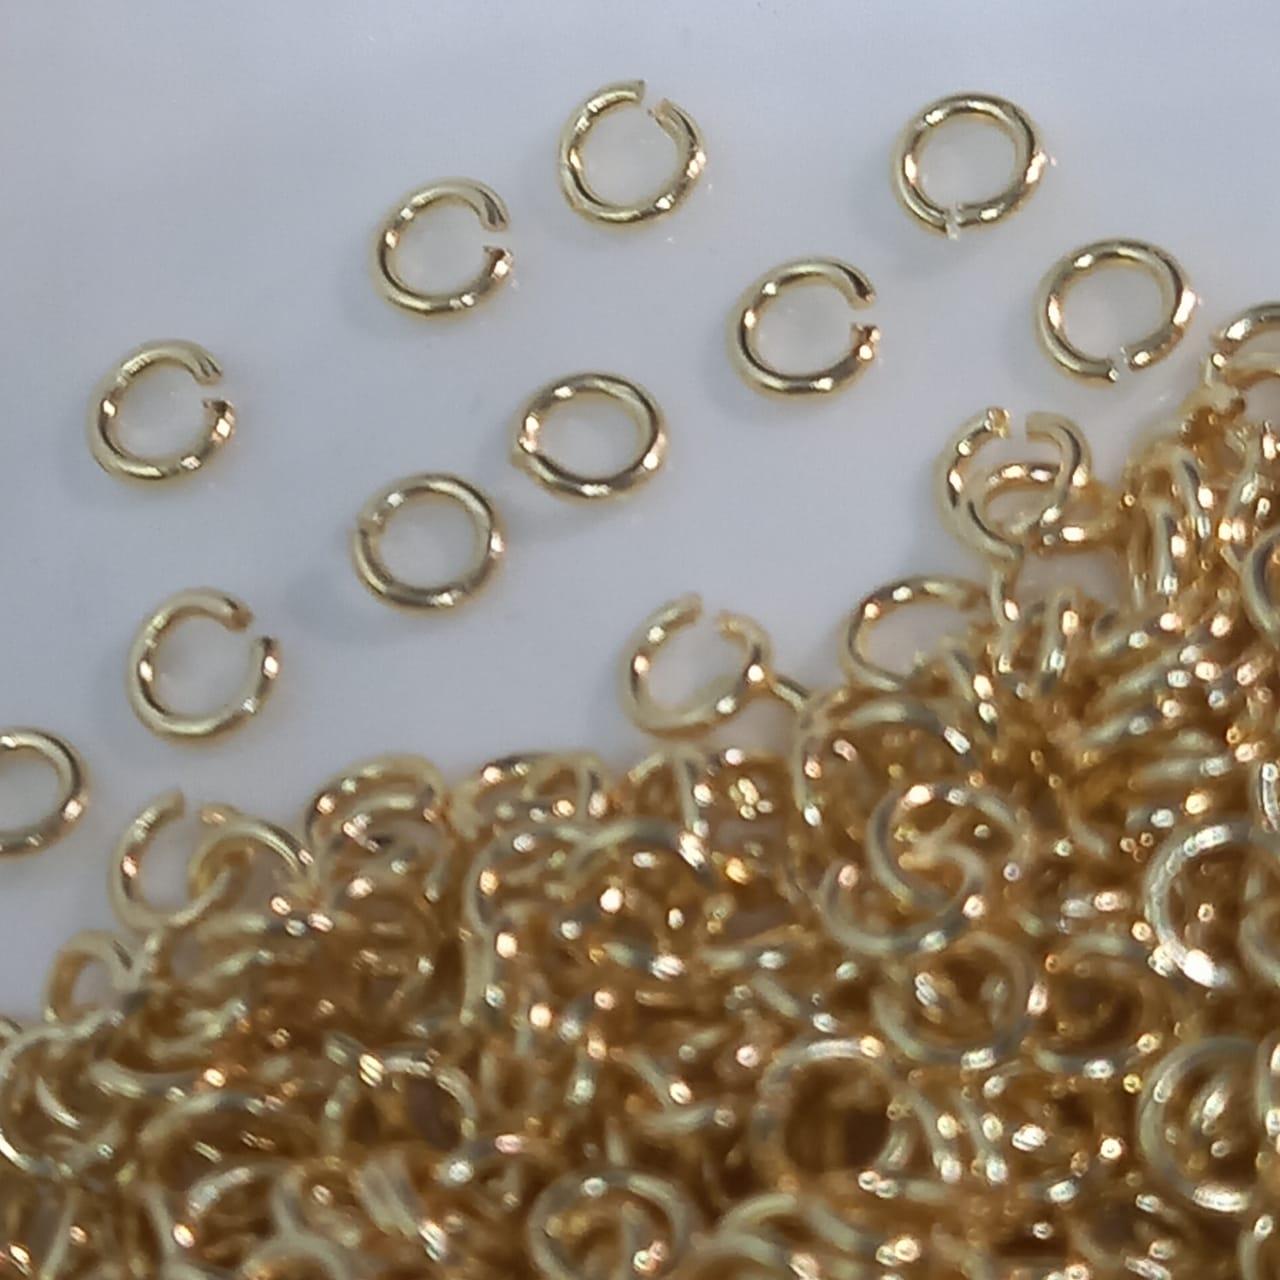 Elo dourado  2,5mm  - 10g